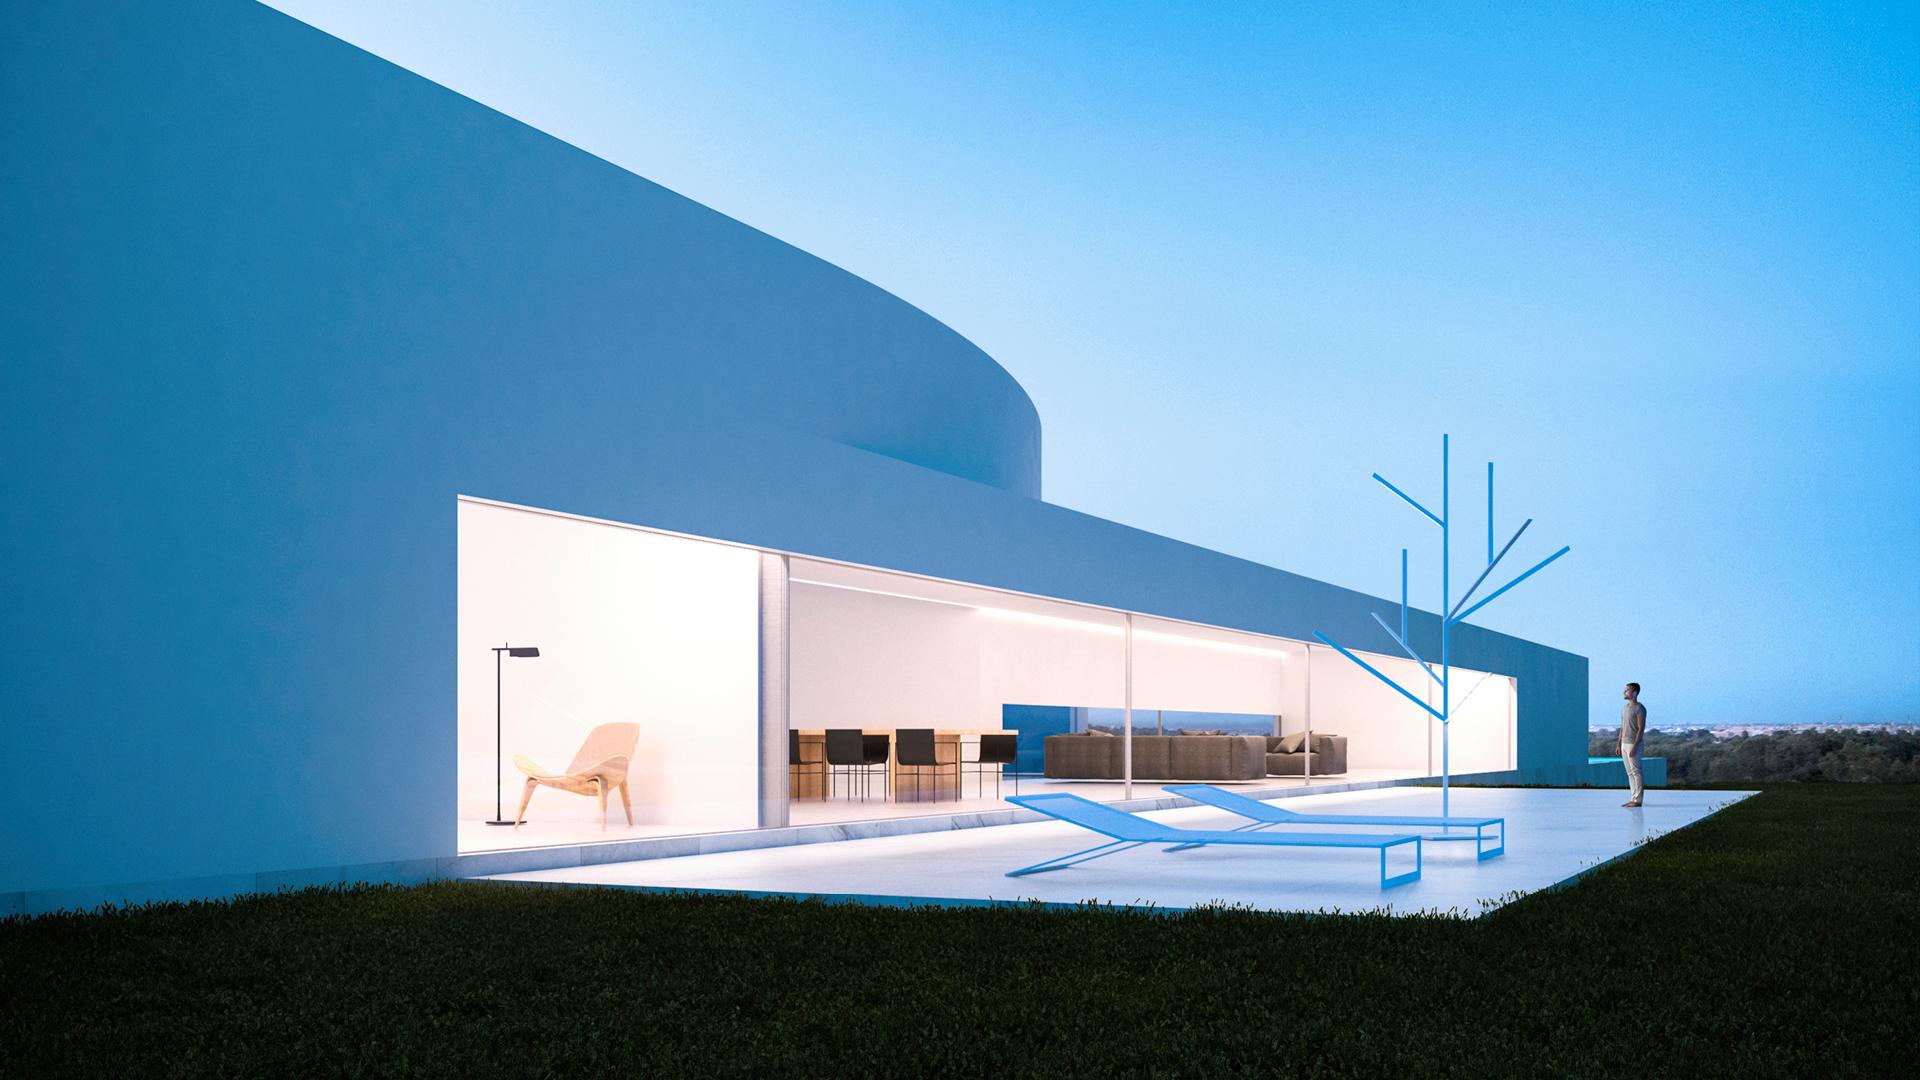 The Coimbra-Steinman House by Fran Silvestre Arquitectos in Lisbon, Portugal | Coimbra-Steinmann House | Fran Silvestre Arquitectos | STIRworld